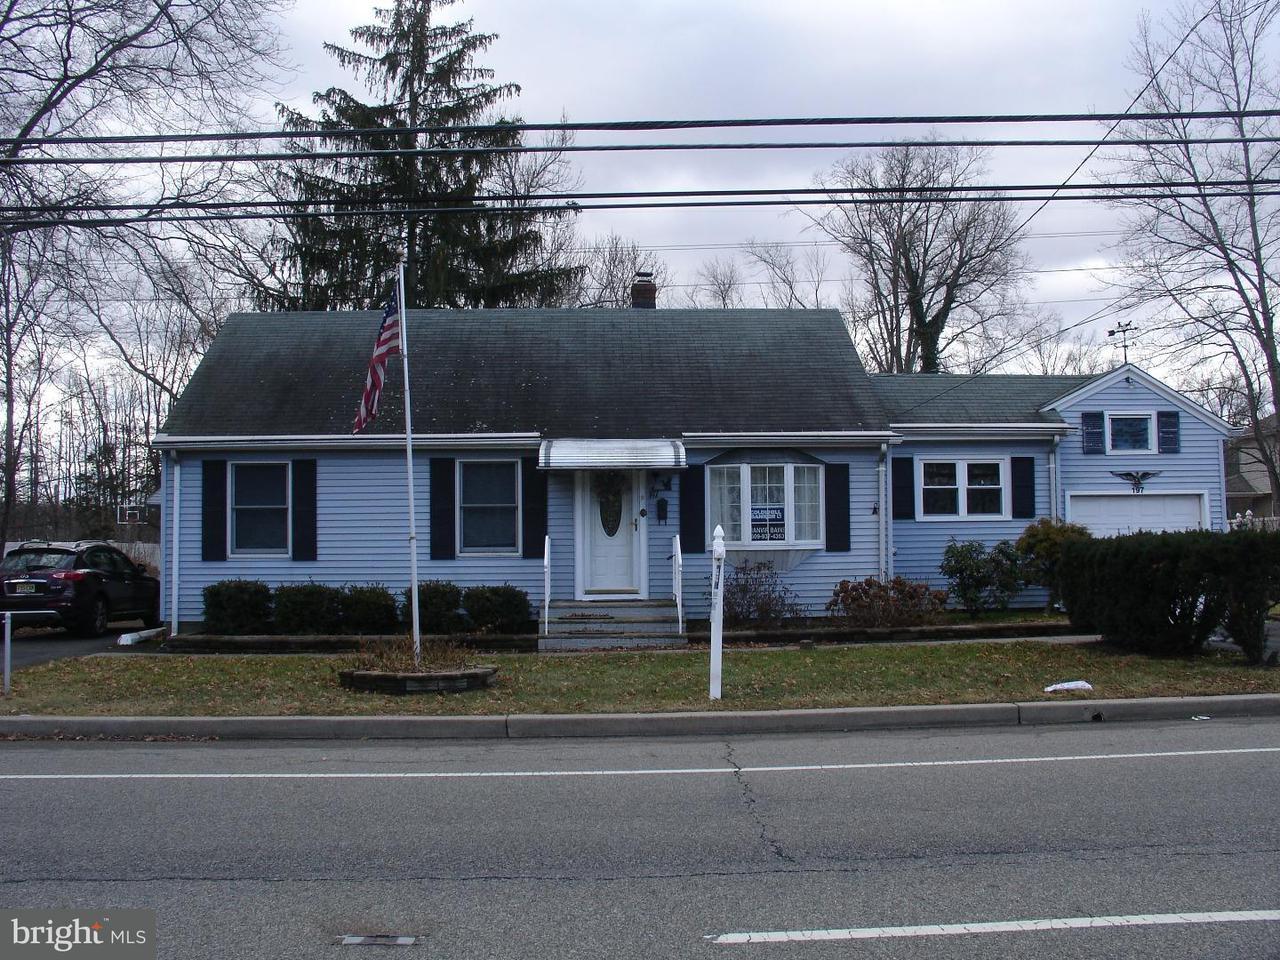 独户住宅 为 出租 在 197 FINNEGAN Lane South Brunswick Township, 新泽西州 08824 美国在/周边: South Brunswick Township